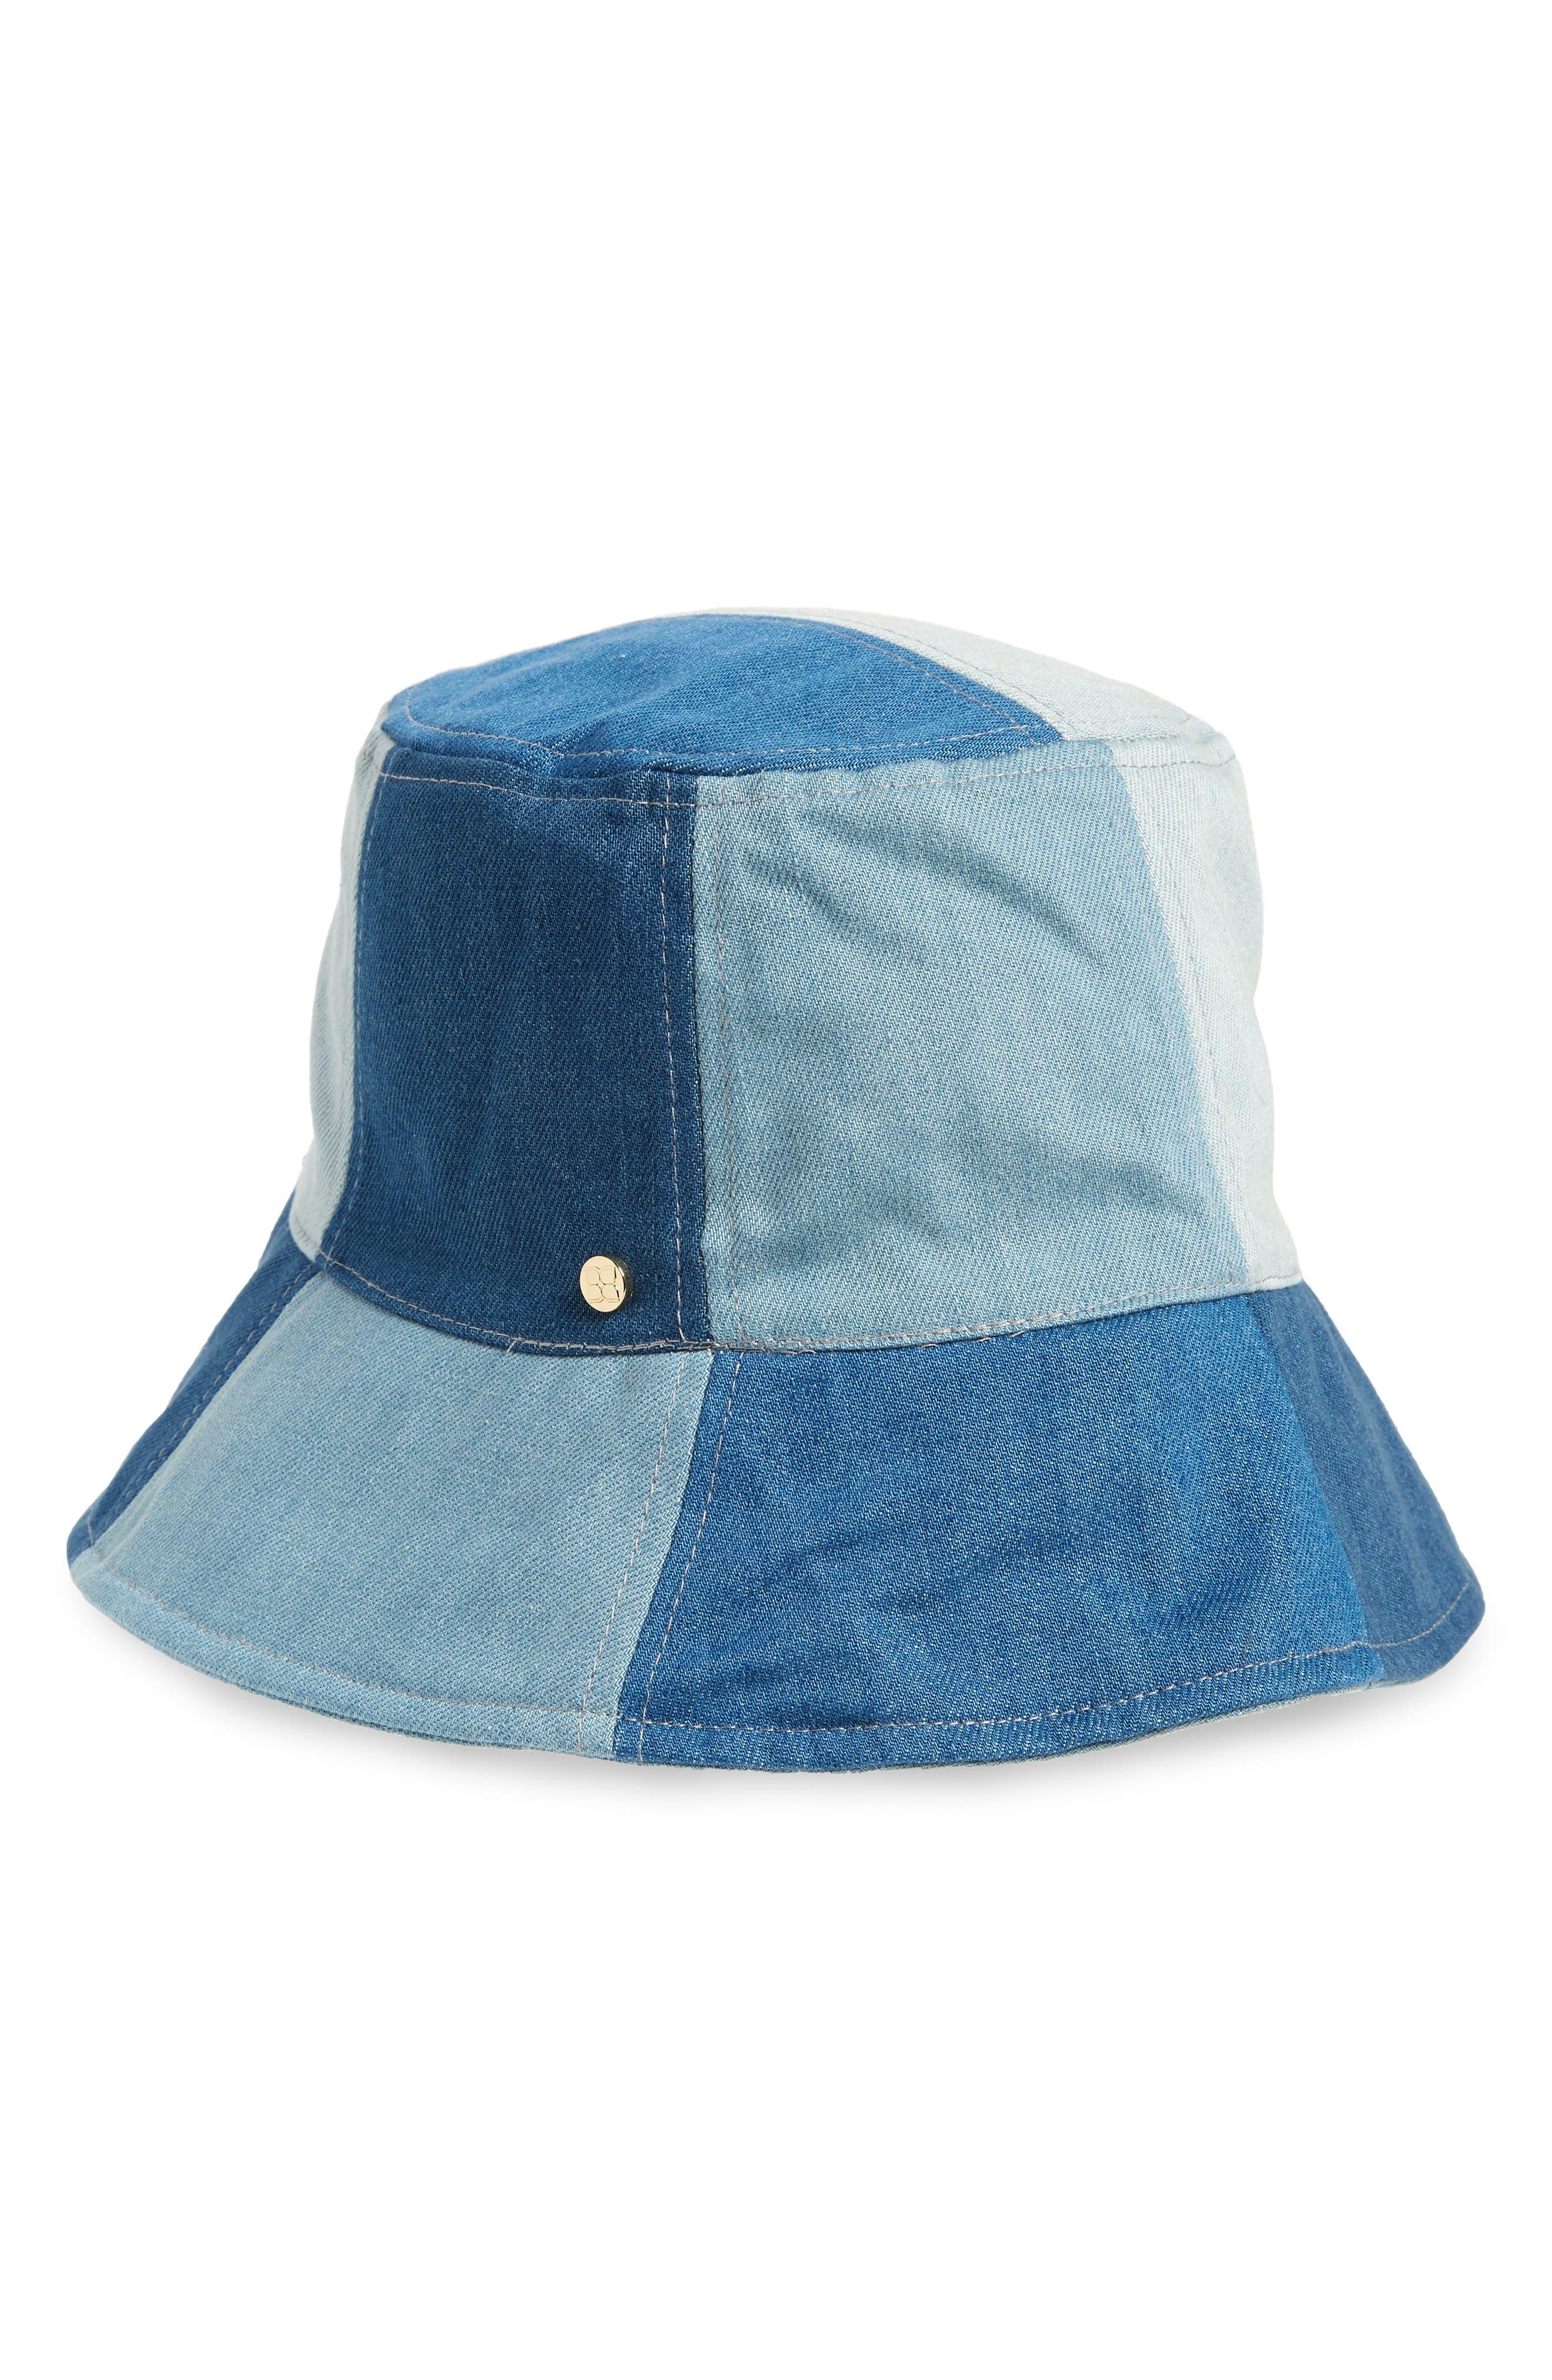 PATCHWORK DENIM BUCKET HAT - BLUE